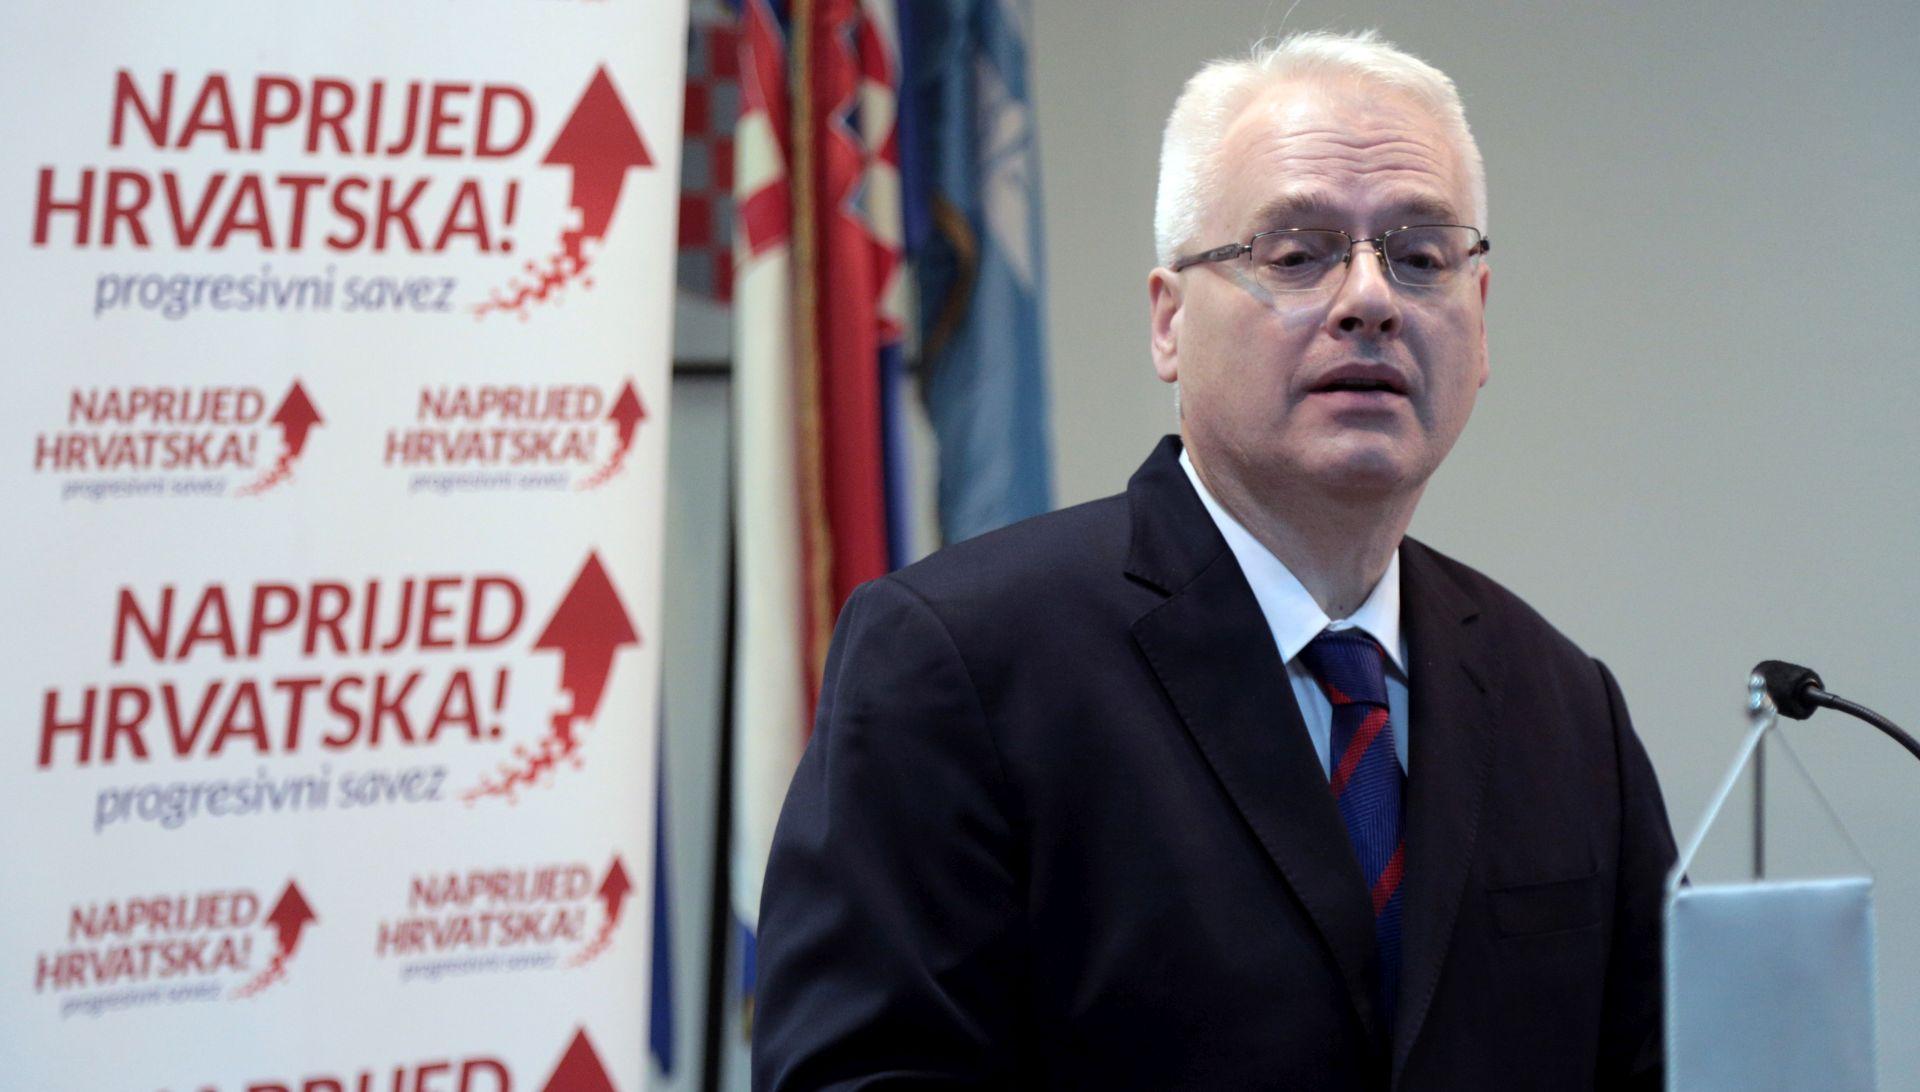 Ivo Josipović ostaje predsjednik stranke Naprijed Hrvatska! – Progresivni savez